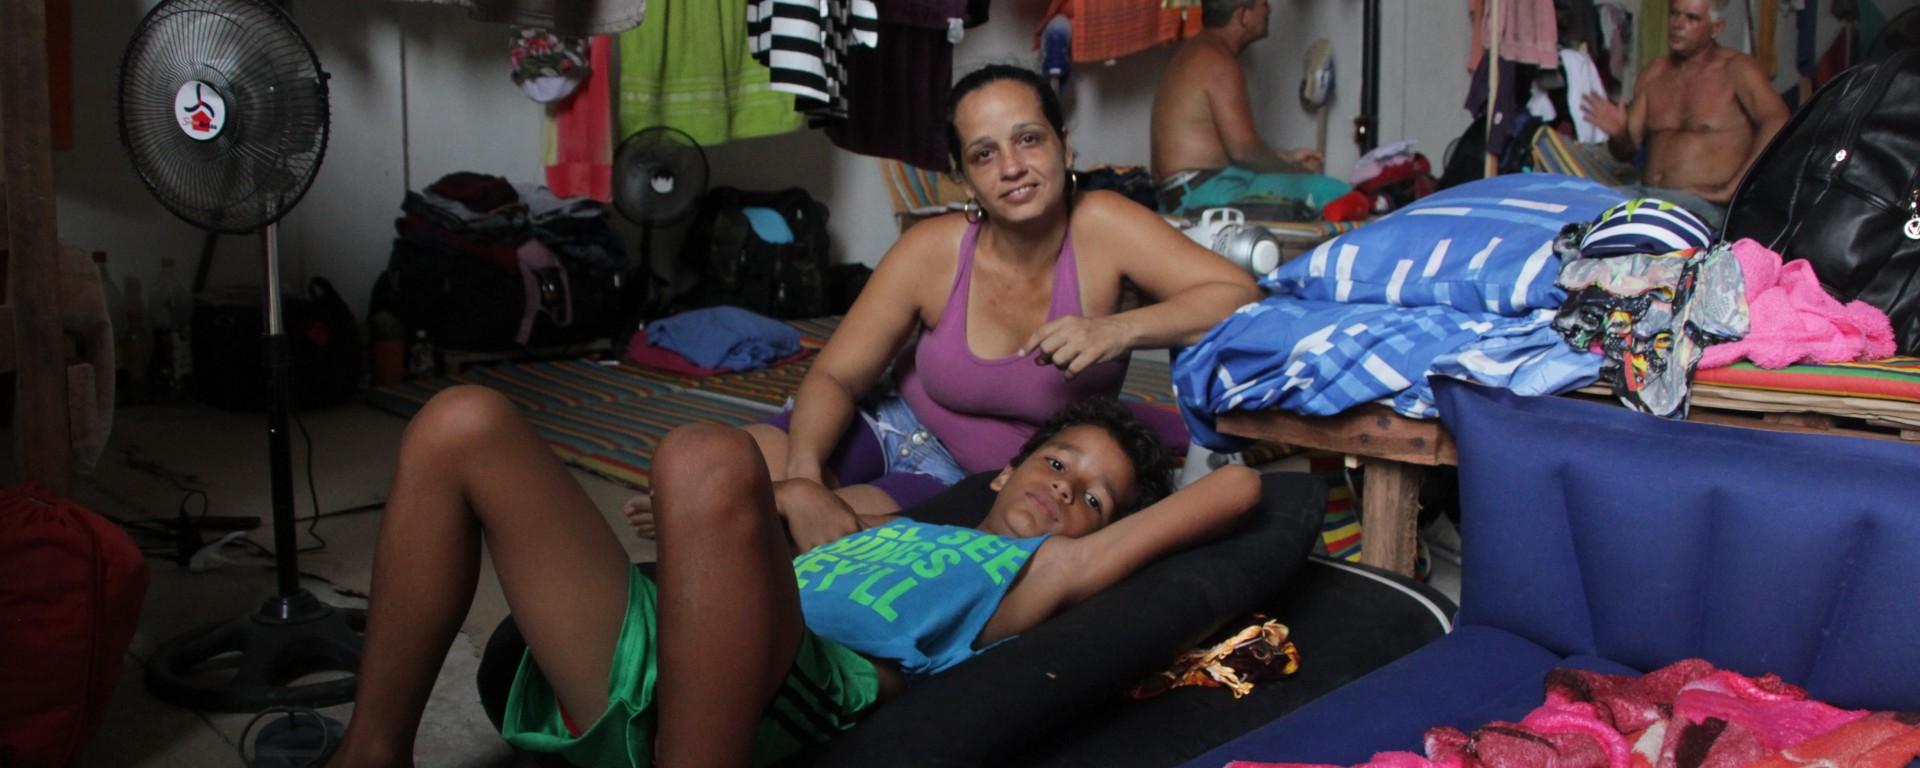 Lisbet et son fils Ronaldo font partie des quelque 600 Cubains bloqués dans ce local de Turbo, à la frontière avec le Panama.